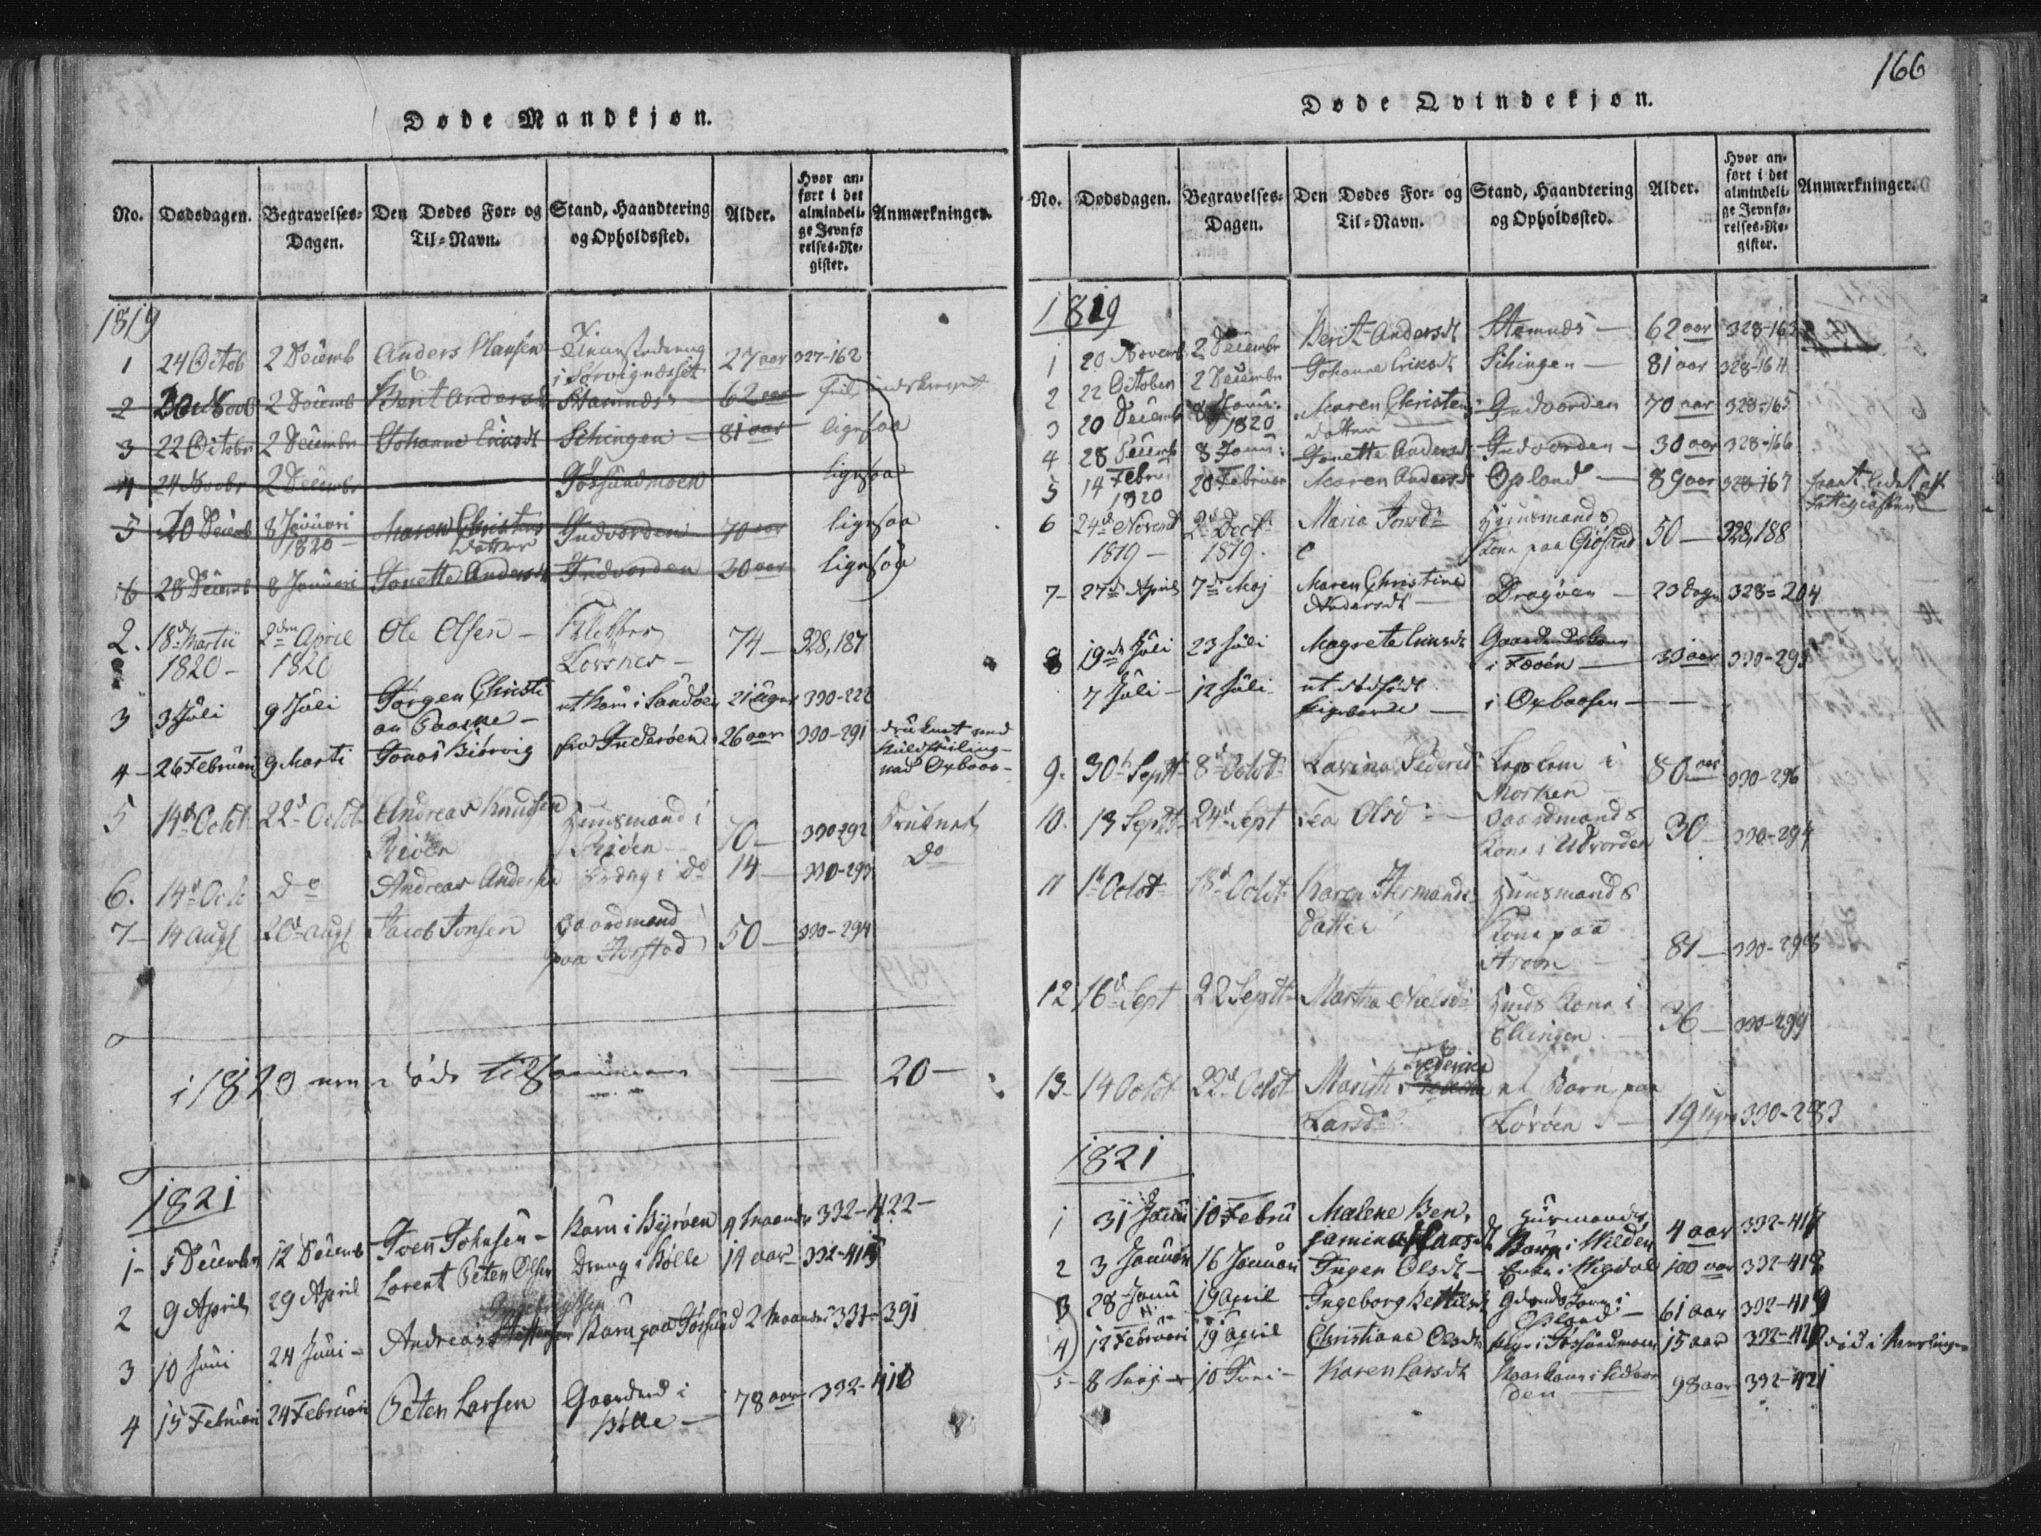 SAT, Ministerialprotokoller, klokkerbøker og fødselsregistre - Nord-Trøndelag, 773/L0609: Ministerialbok nr. 773A03 /3, 1815-1830, s. 166